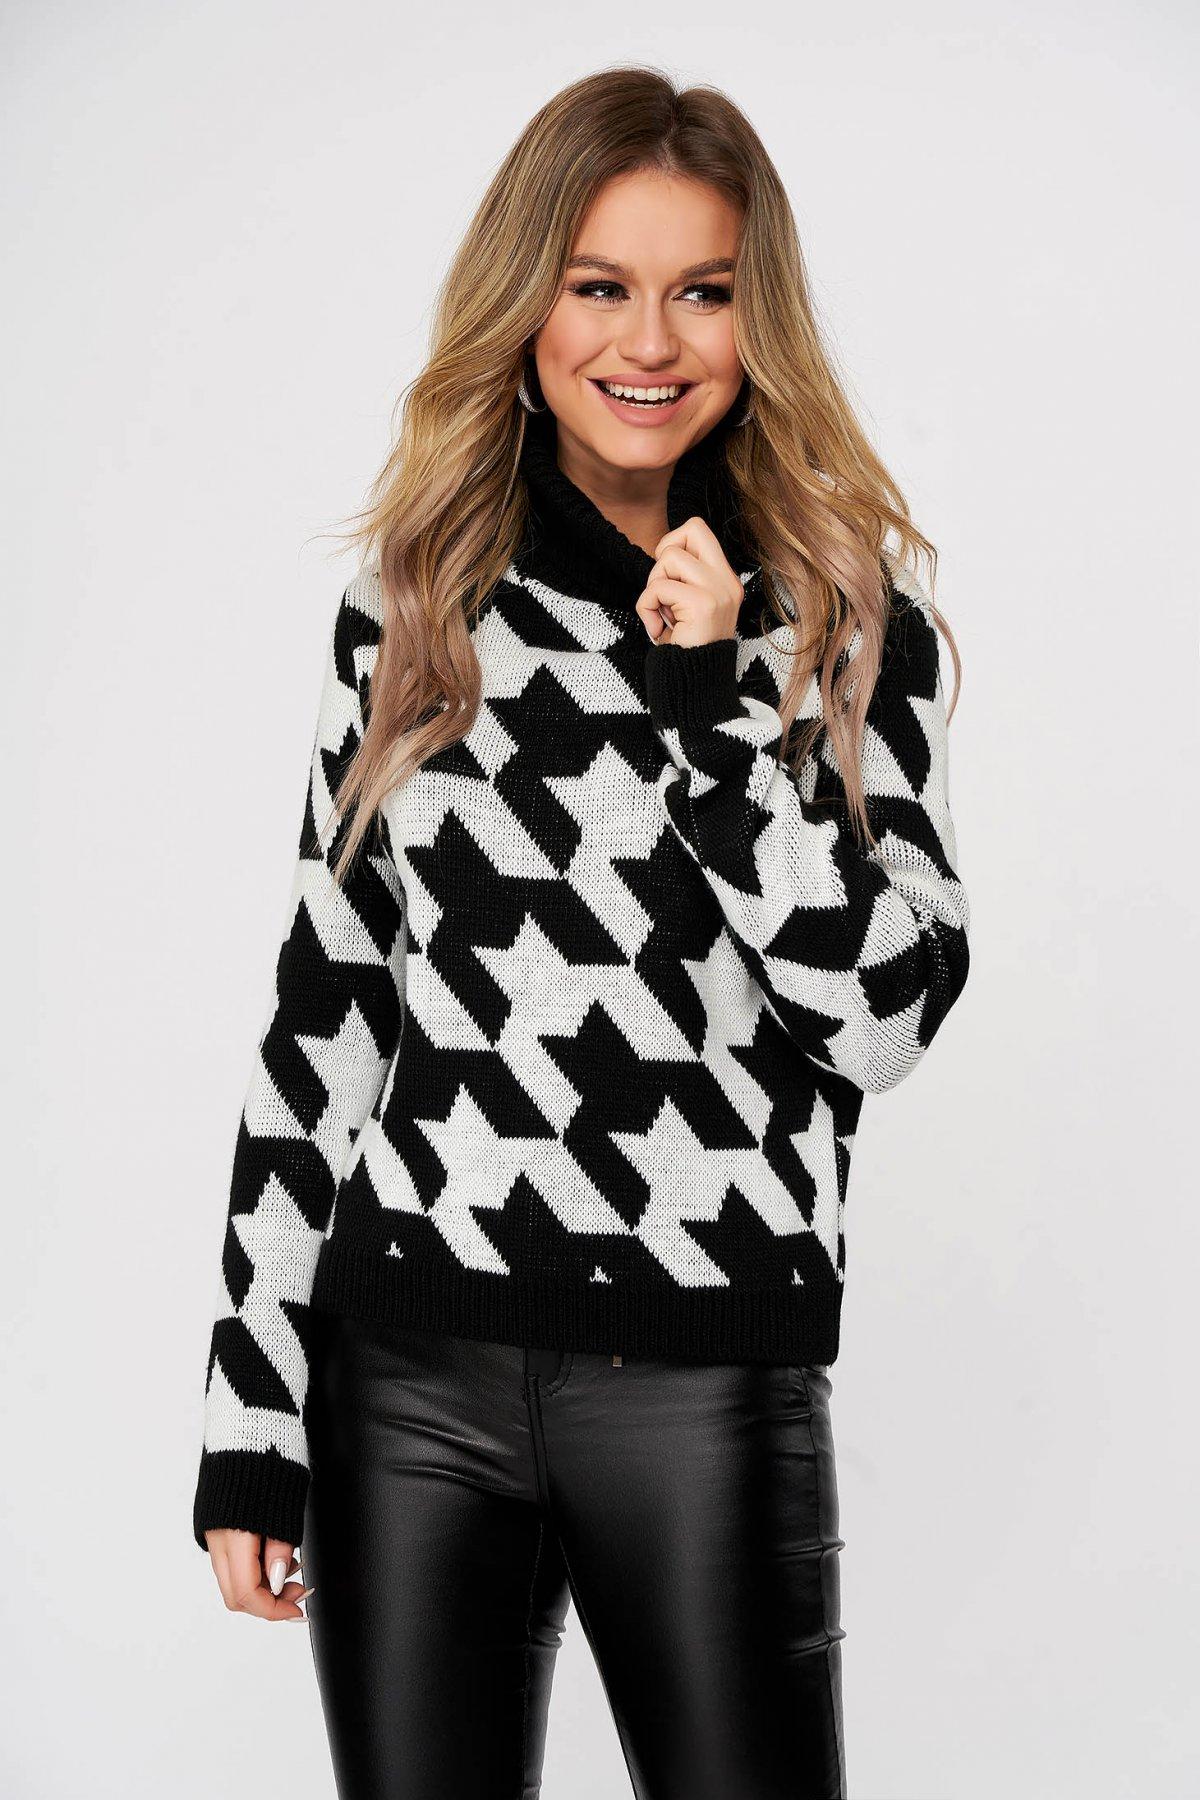 Pulover SunShine negru casual tricotat pe gat cu croi larg in carouri imagine